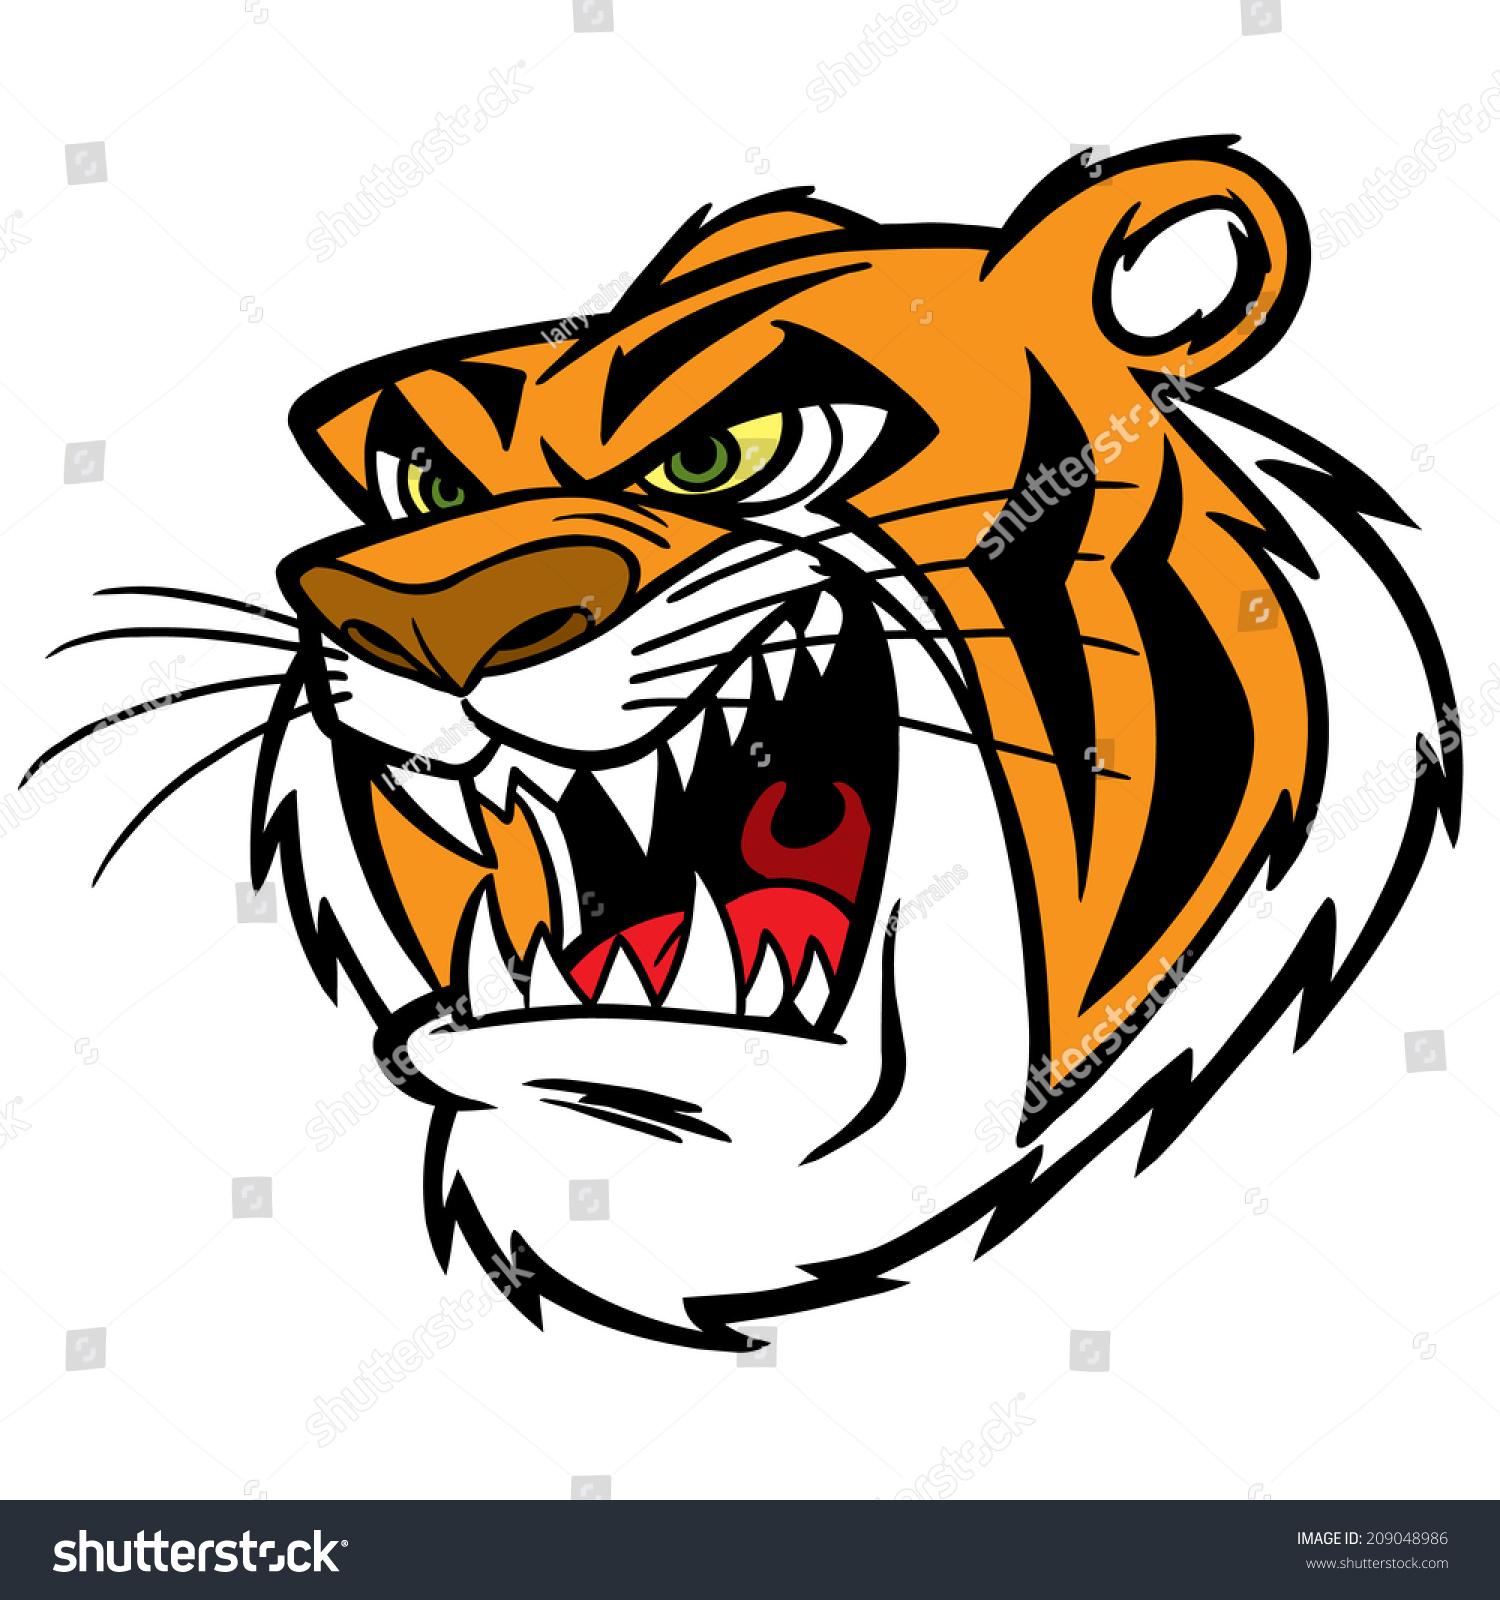 可爱创意老虎设计